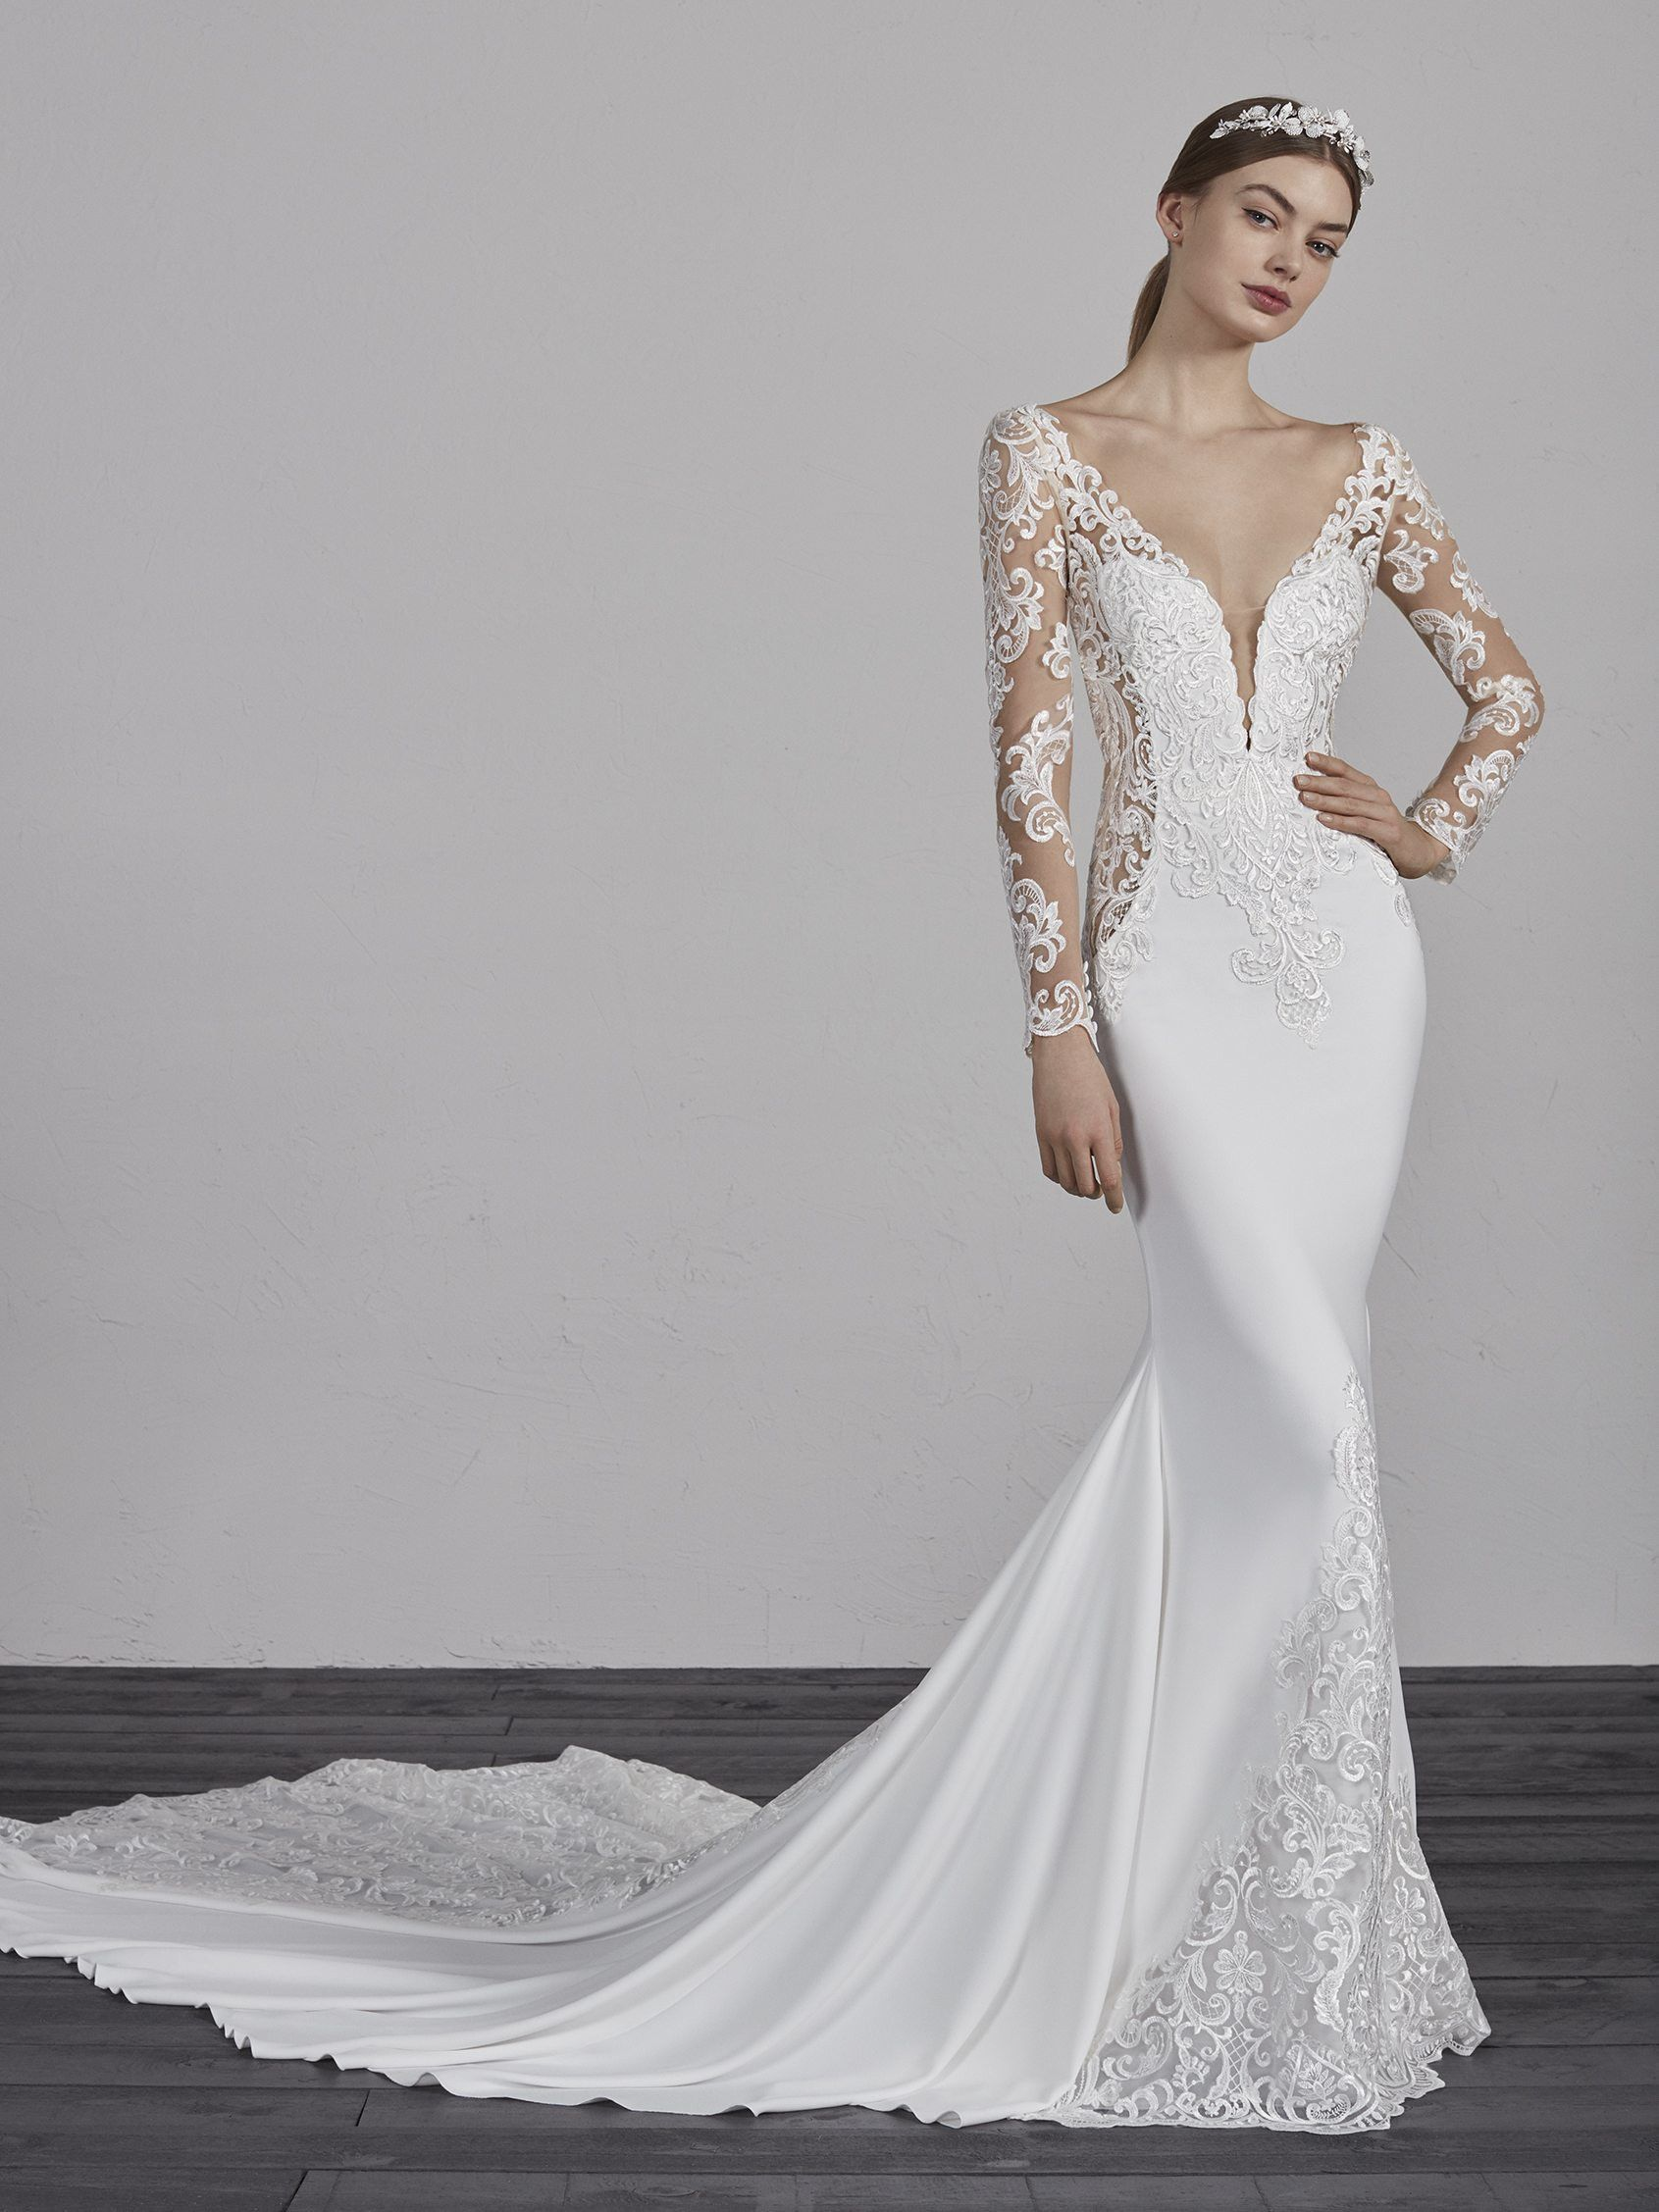 43d25890ff Explosivo vestido de novia sirena efecto segunda piel ENELSA ...